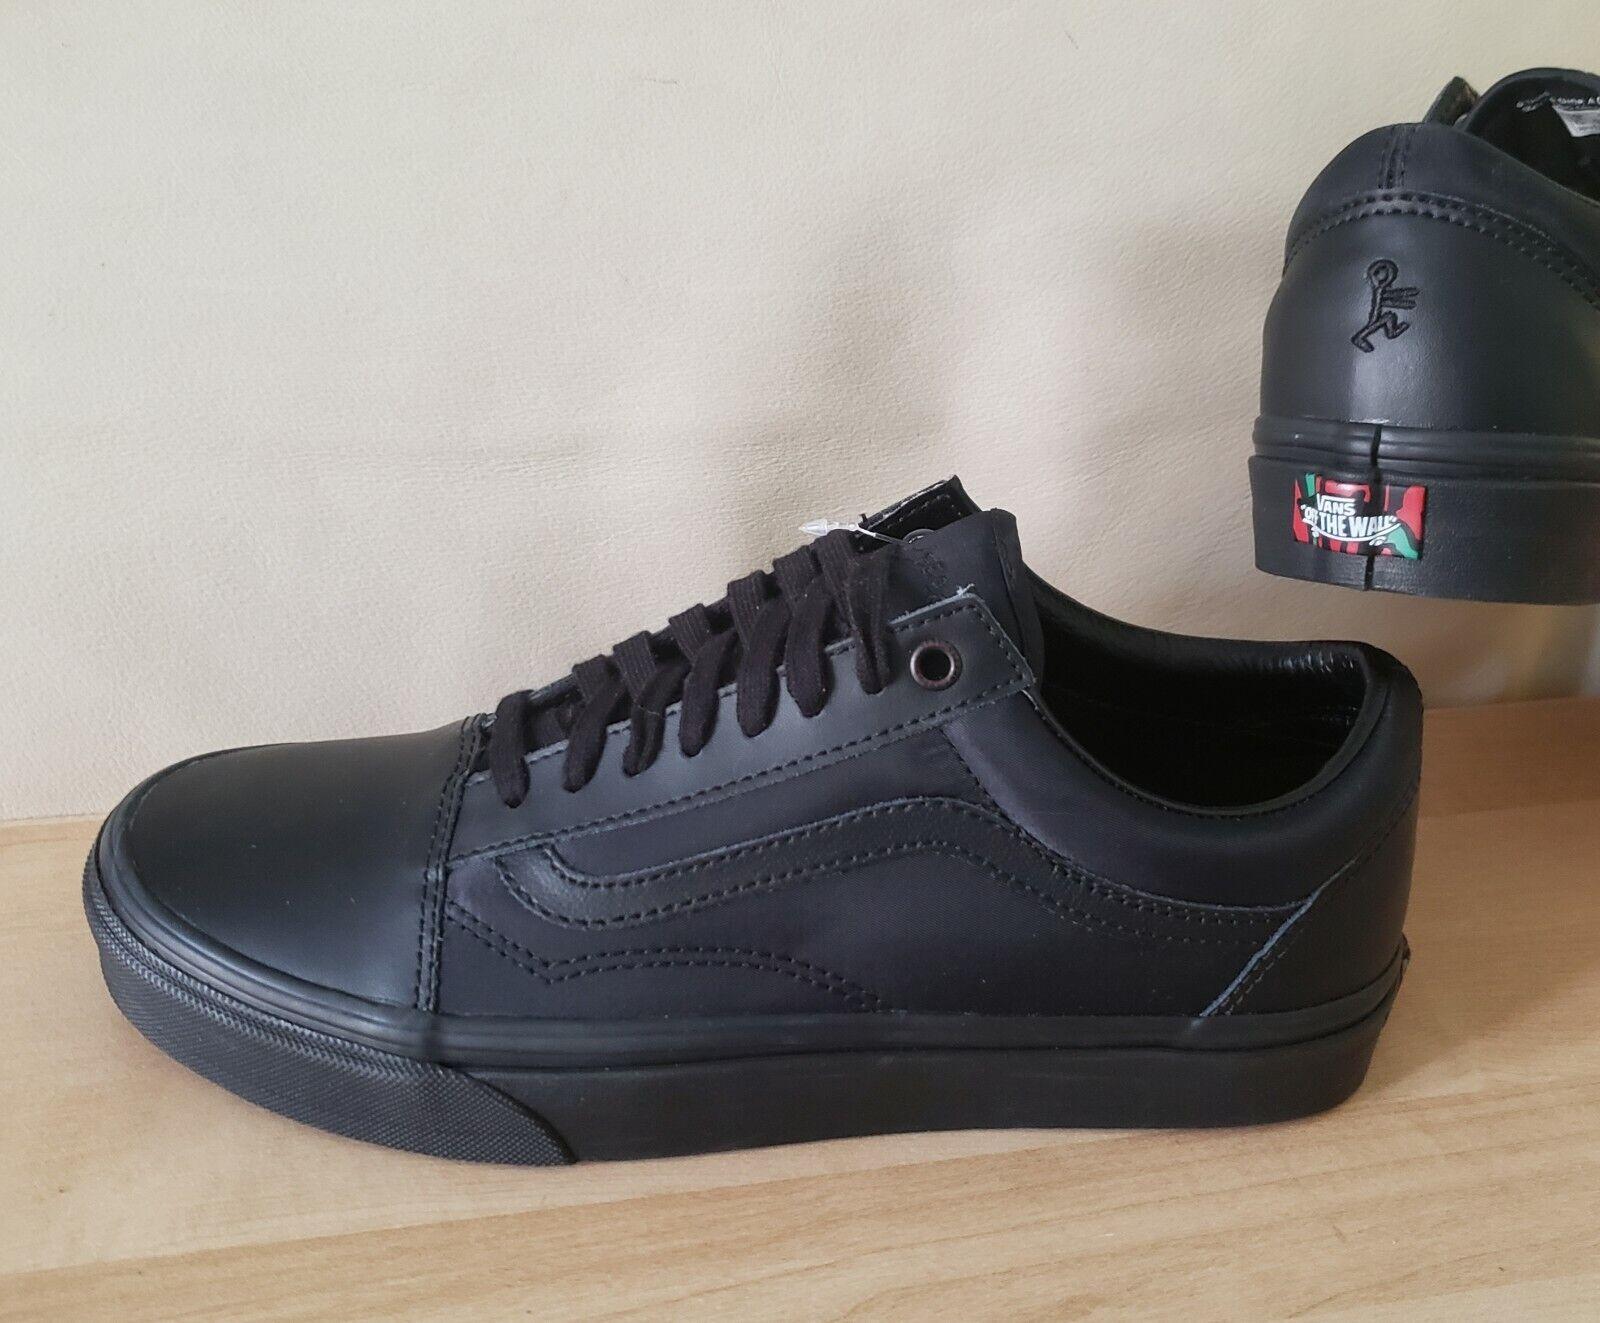 vans old skool black leather